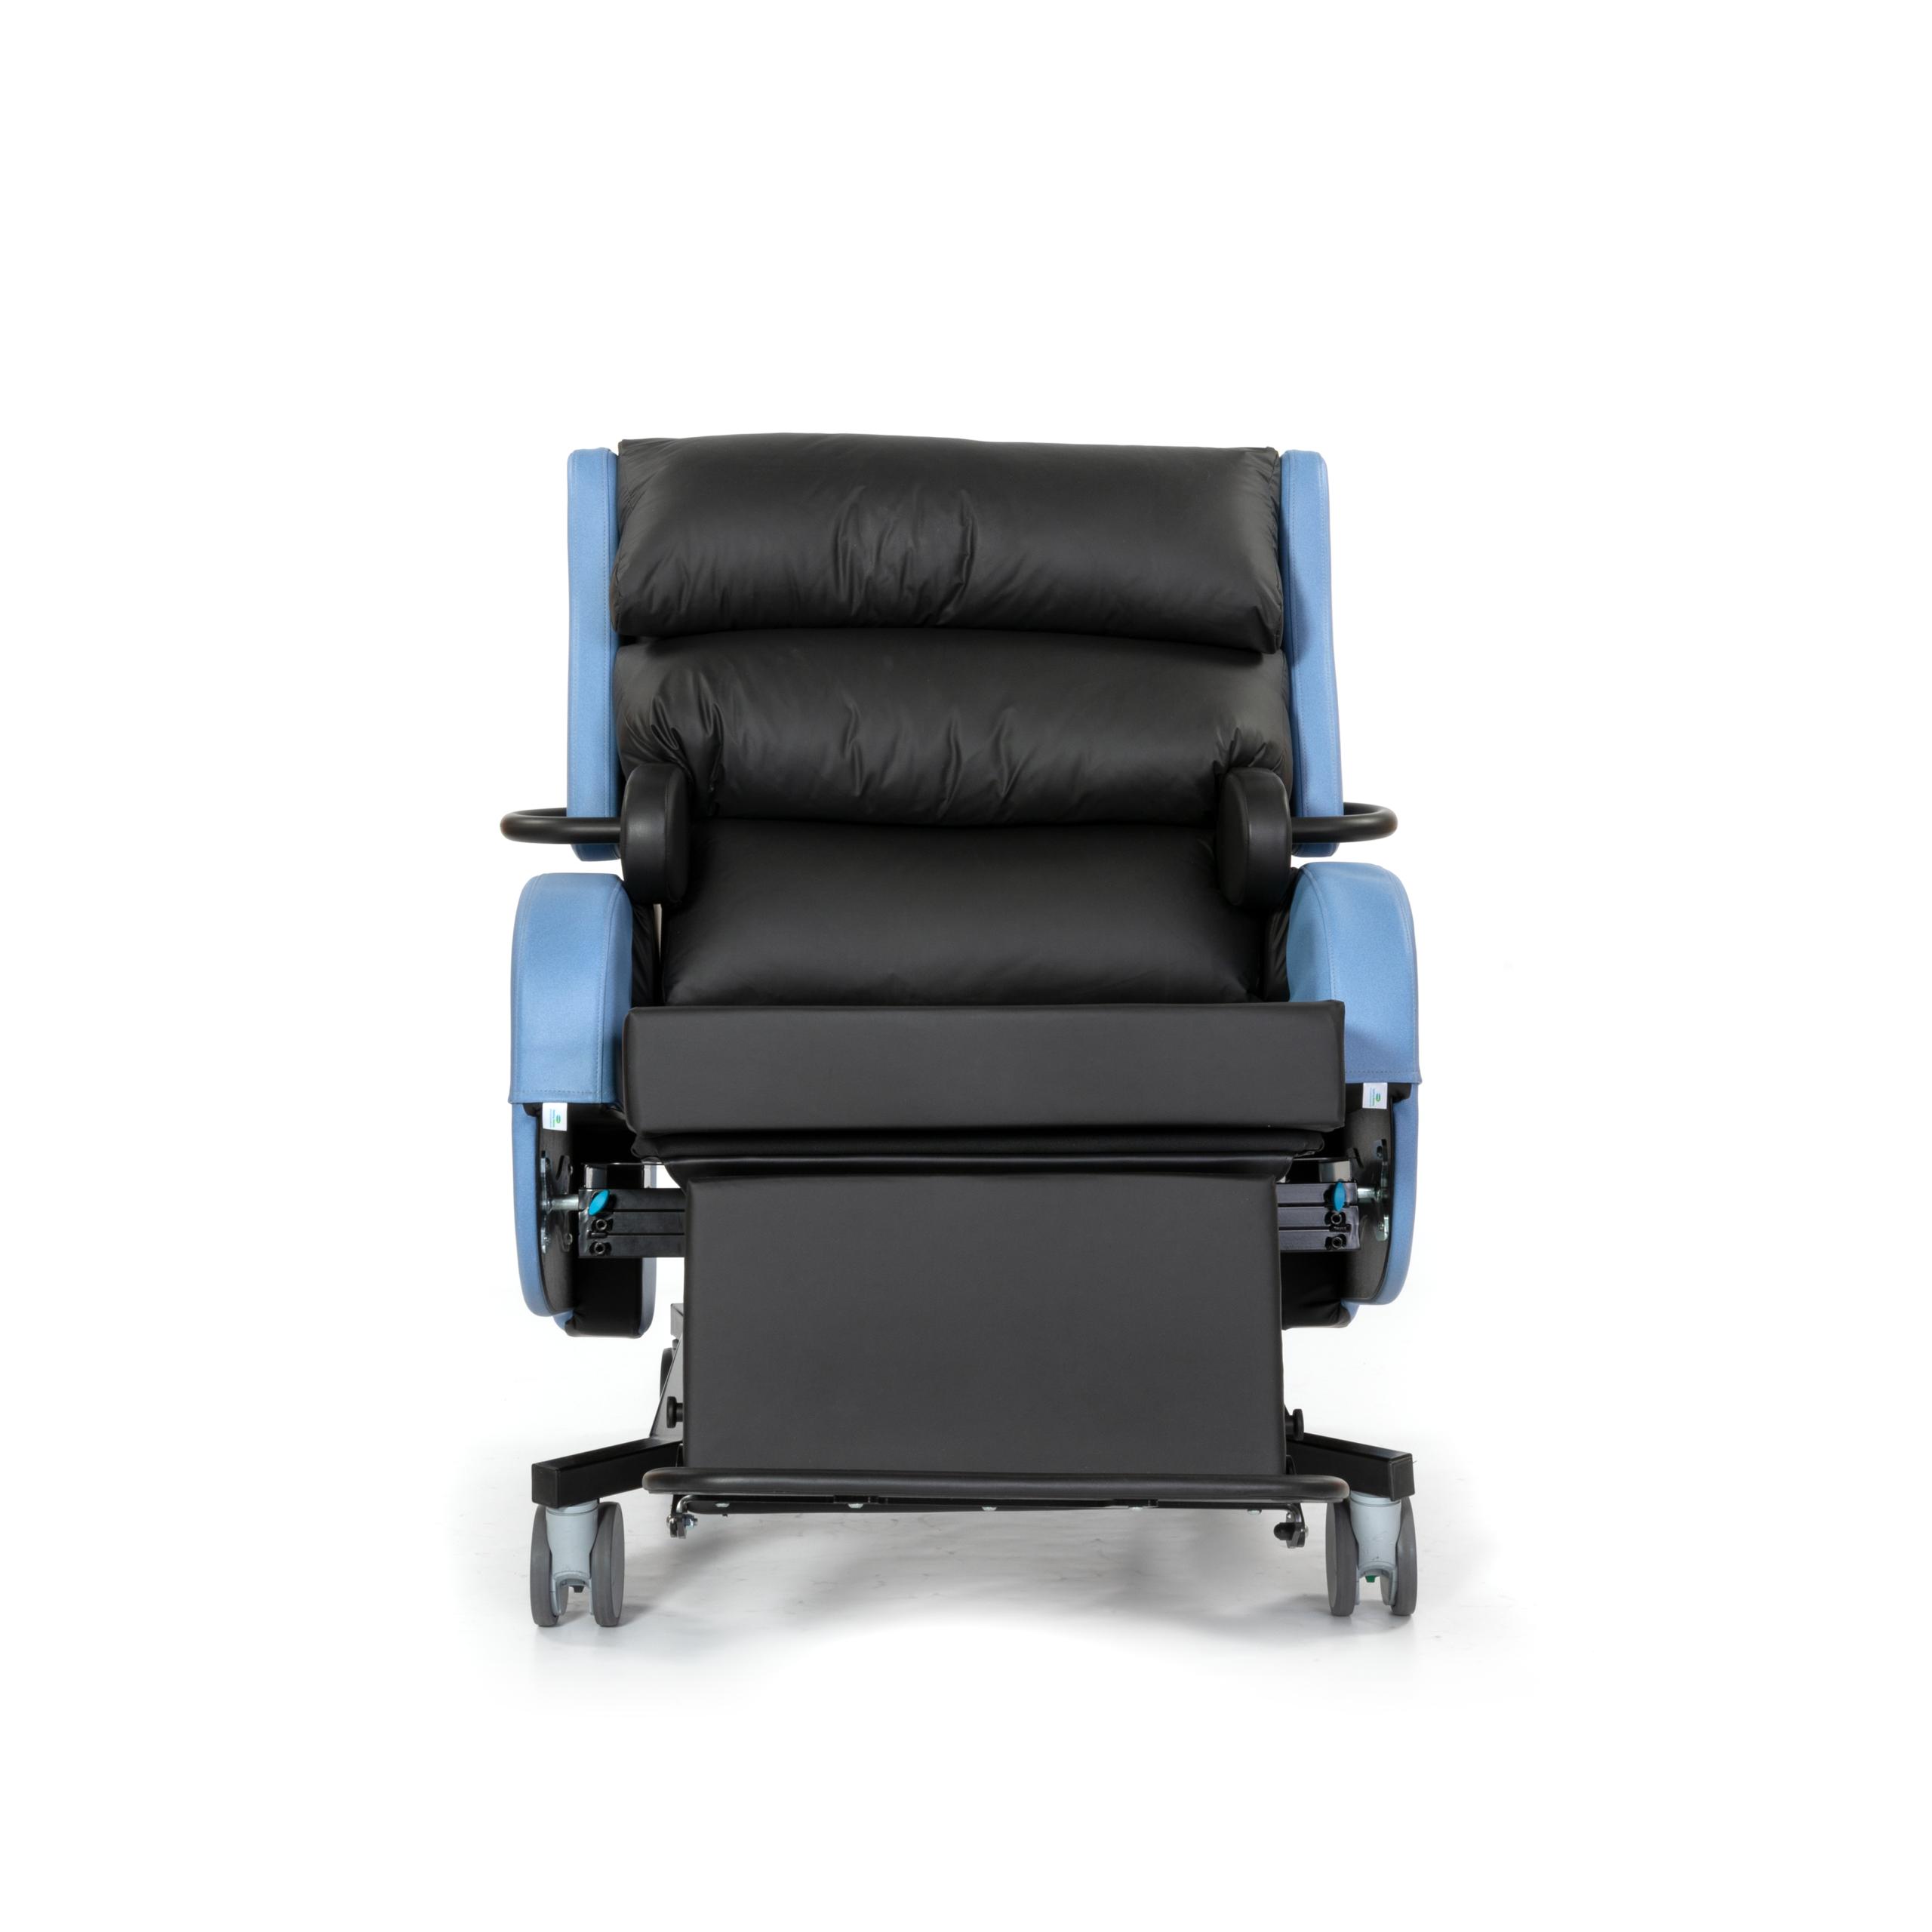 Zorgstoel voor obese bewoners Sorrento XL 04